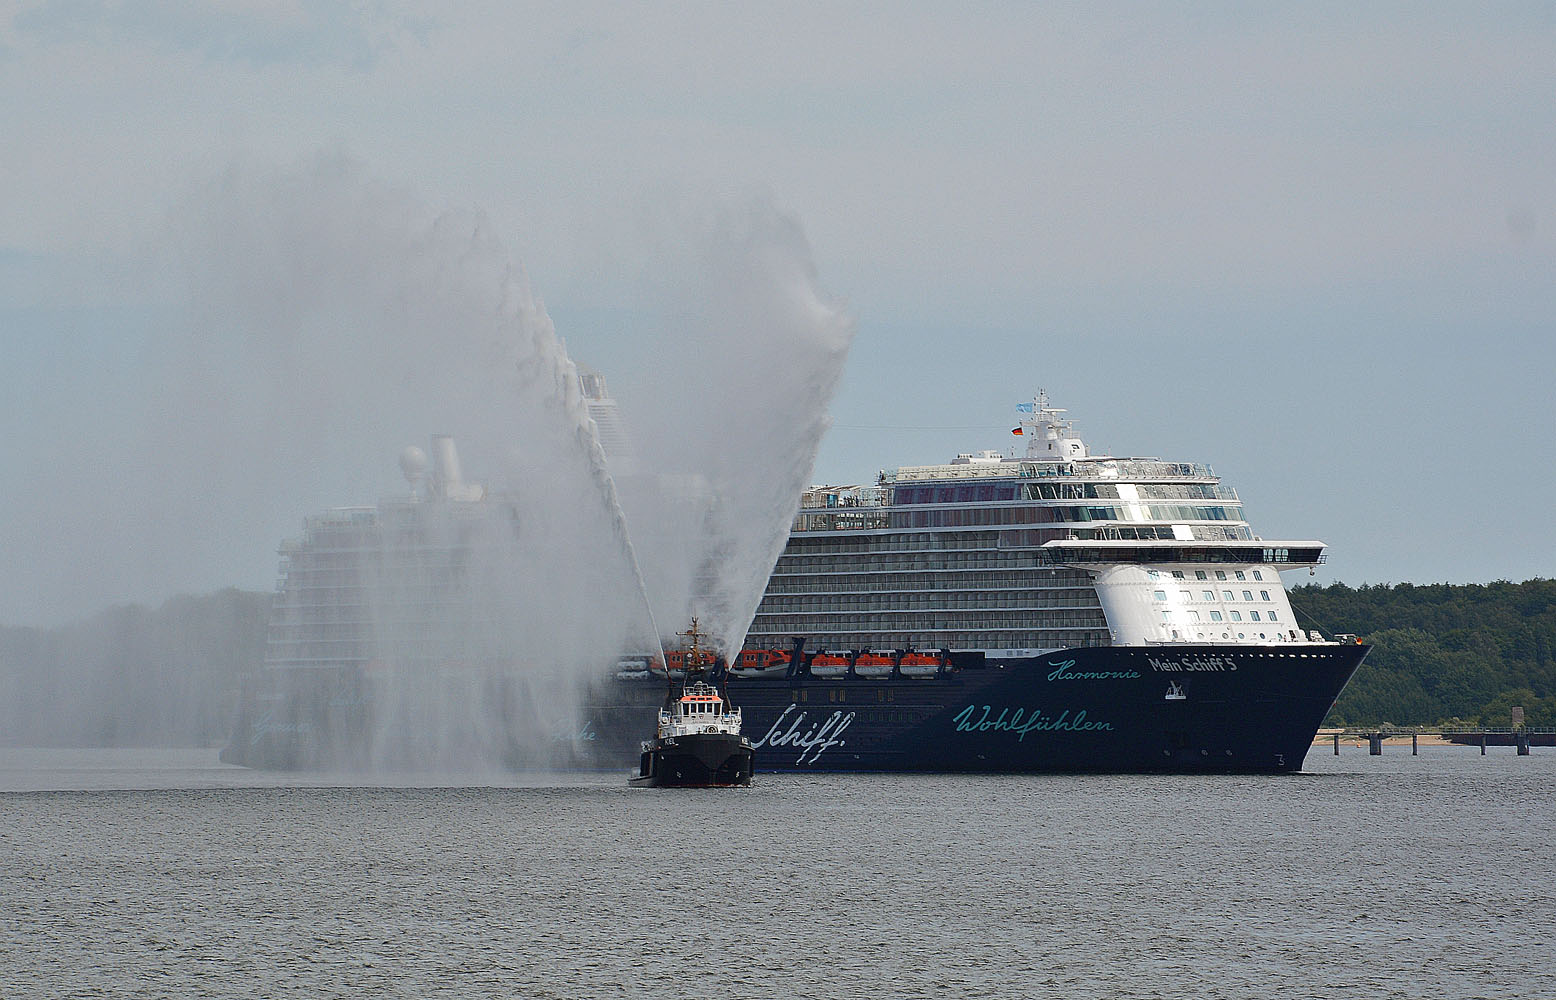 02 Mein Schiff 5 in Kiel 9062_bearbeitet-1